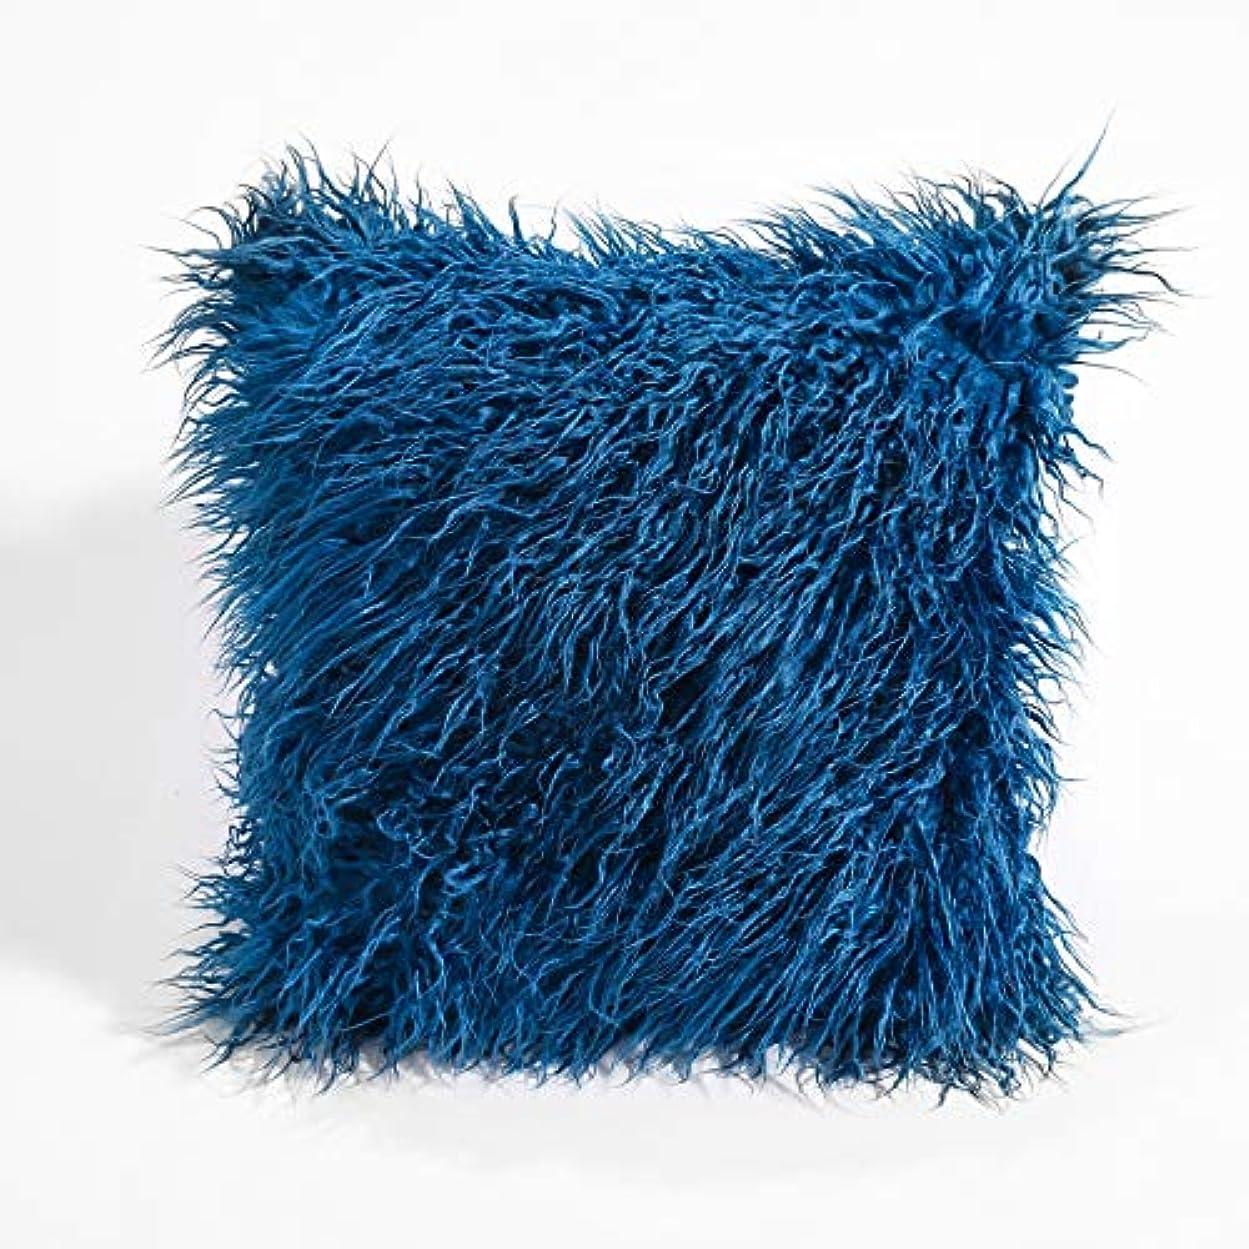 骨髄食事広げるLVESHOP 装飾的な新しい高級シリーズメリノスタイルブラックフェイクファースローピローケースクッションカバー(5パック) (色 : 青, Size : 5 pack)